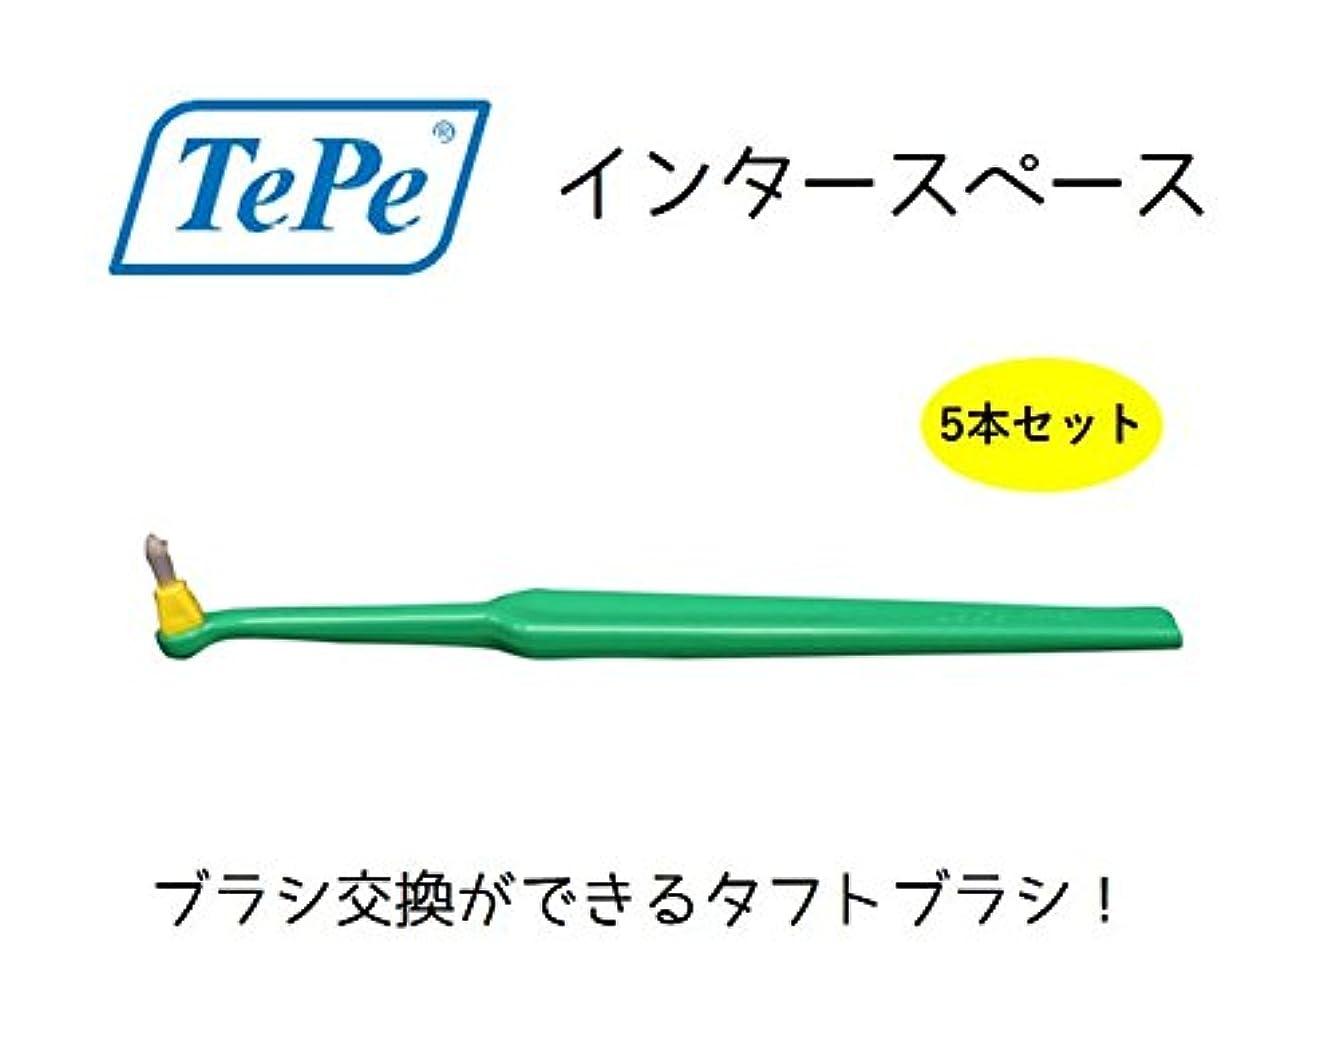 テペ インタースペース ソフト 5本 TePe interspase